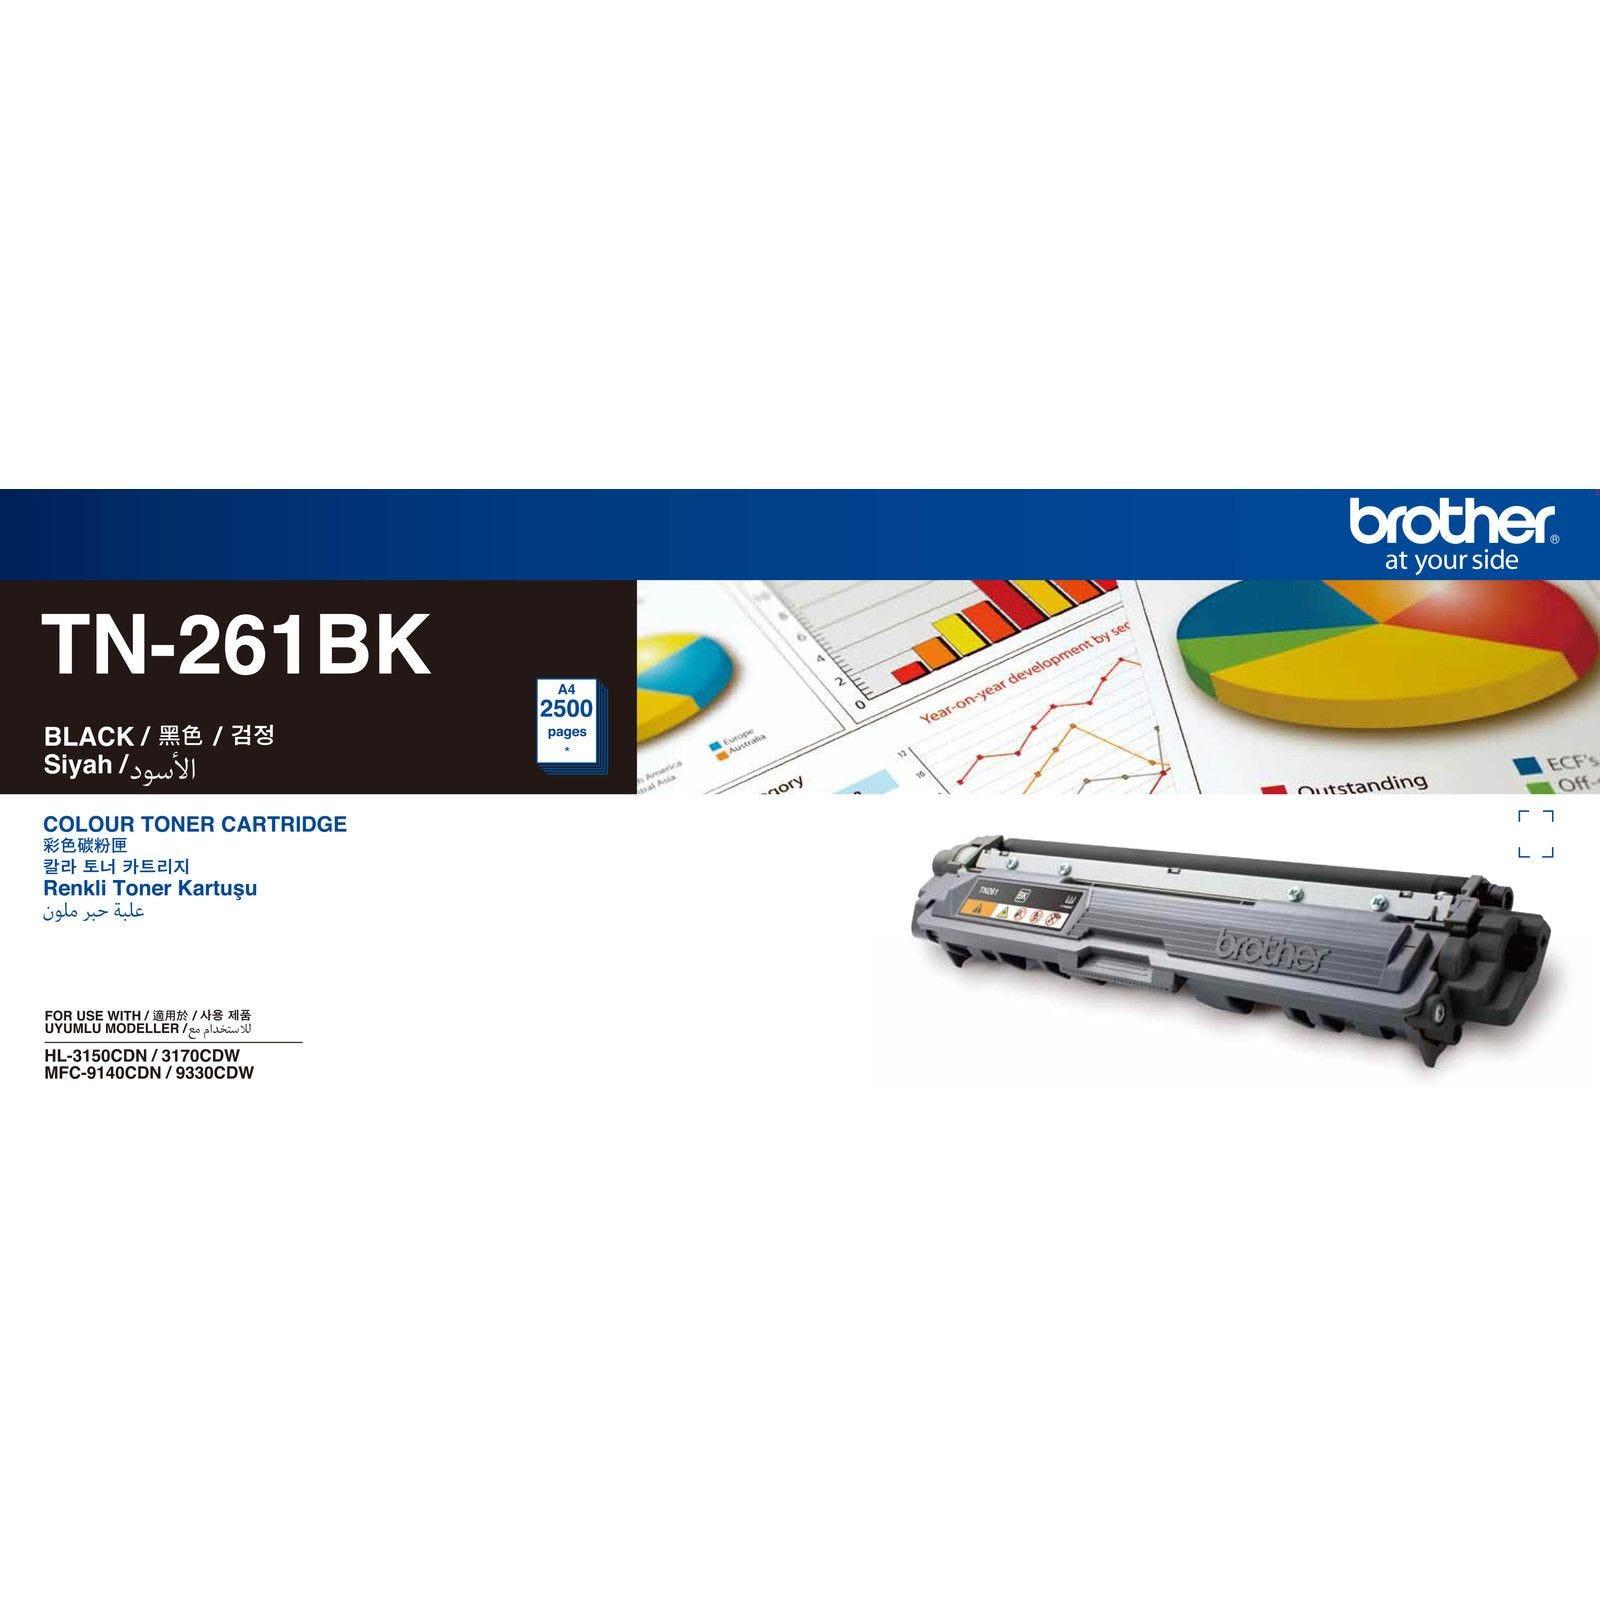 """کارتریج تونر مشکی TN-261BK برادر از تونرهای لیزری شرکت """" Brother """" میباشد. هر کارتریج دارای قطعات ، درام کارتریج ،چیپست کارتریج ، مگنت و فوم کارتریج است ."""